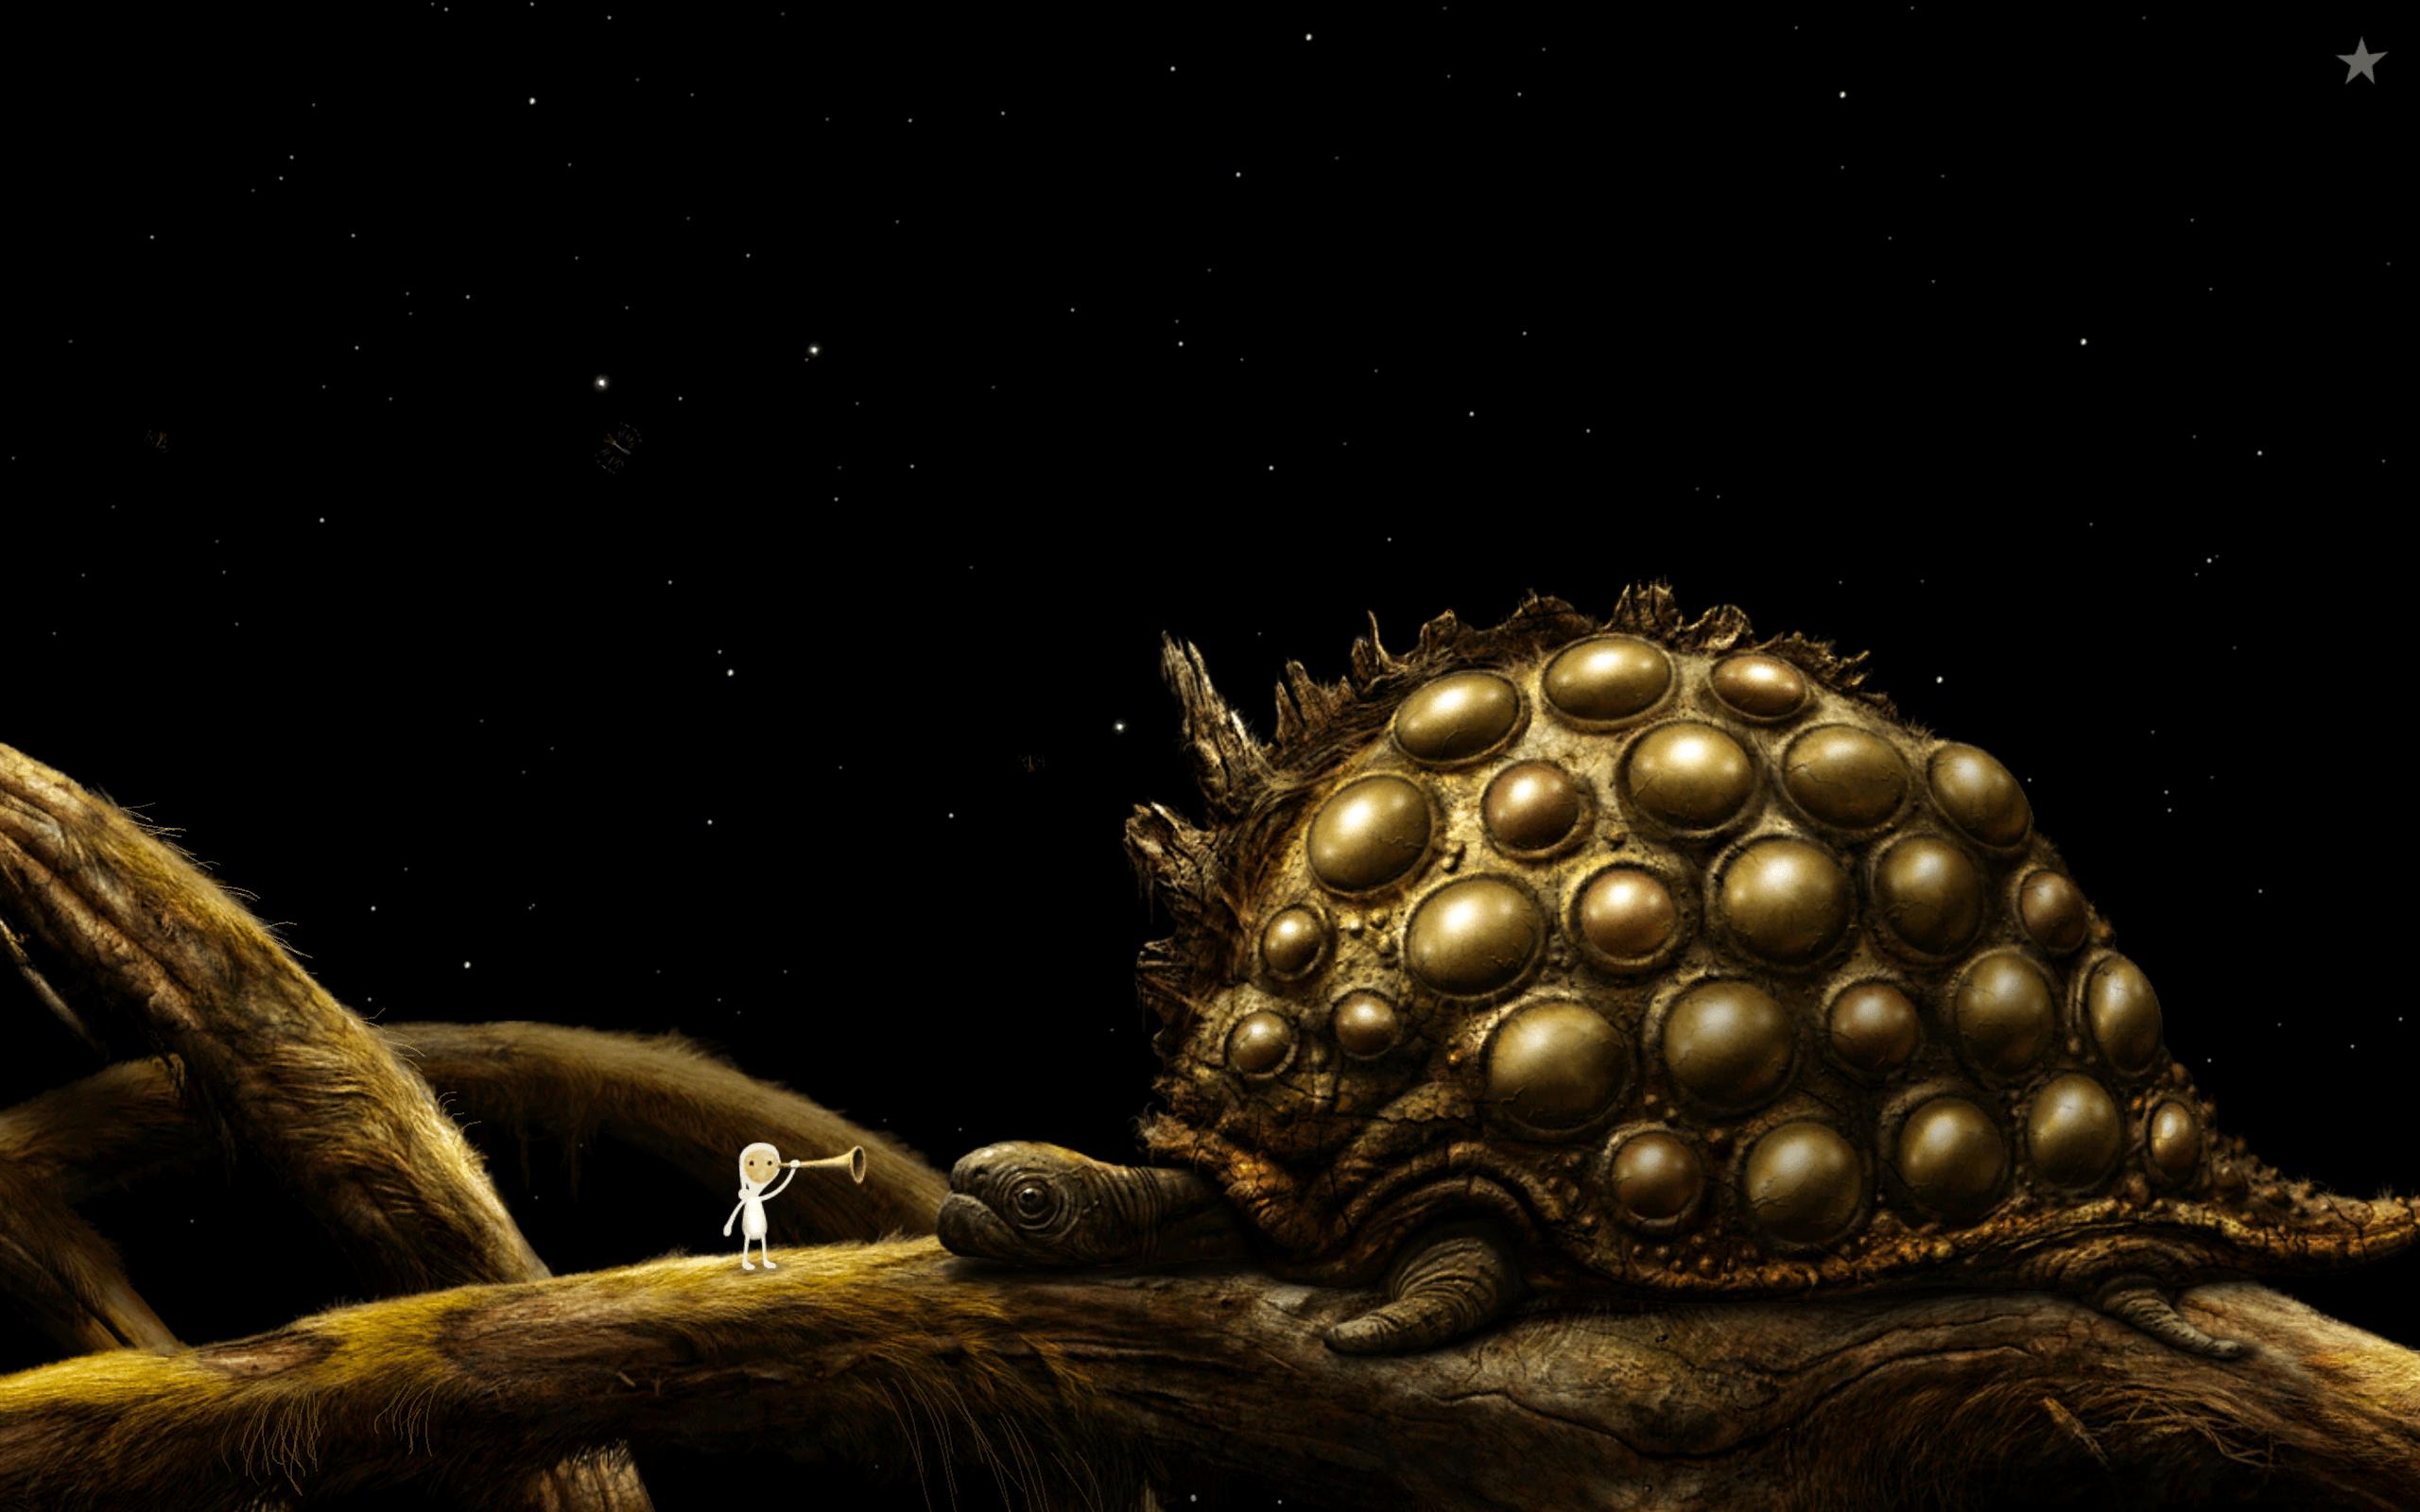 Tortoise thing